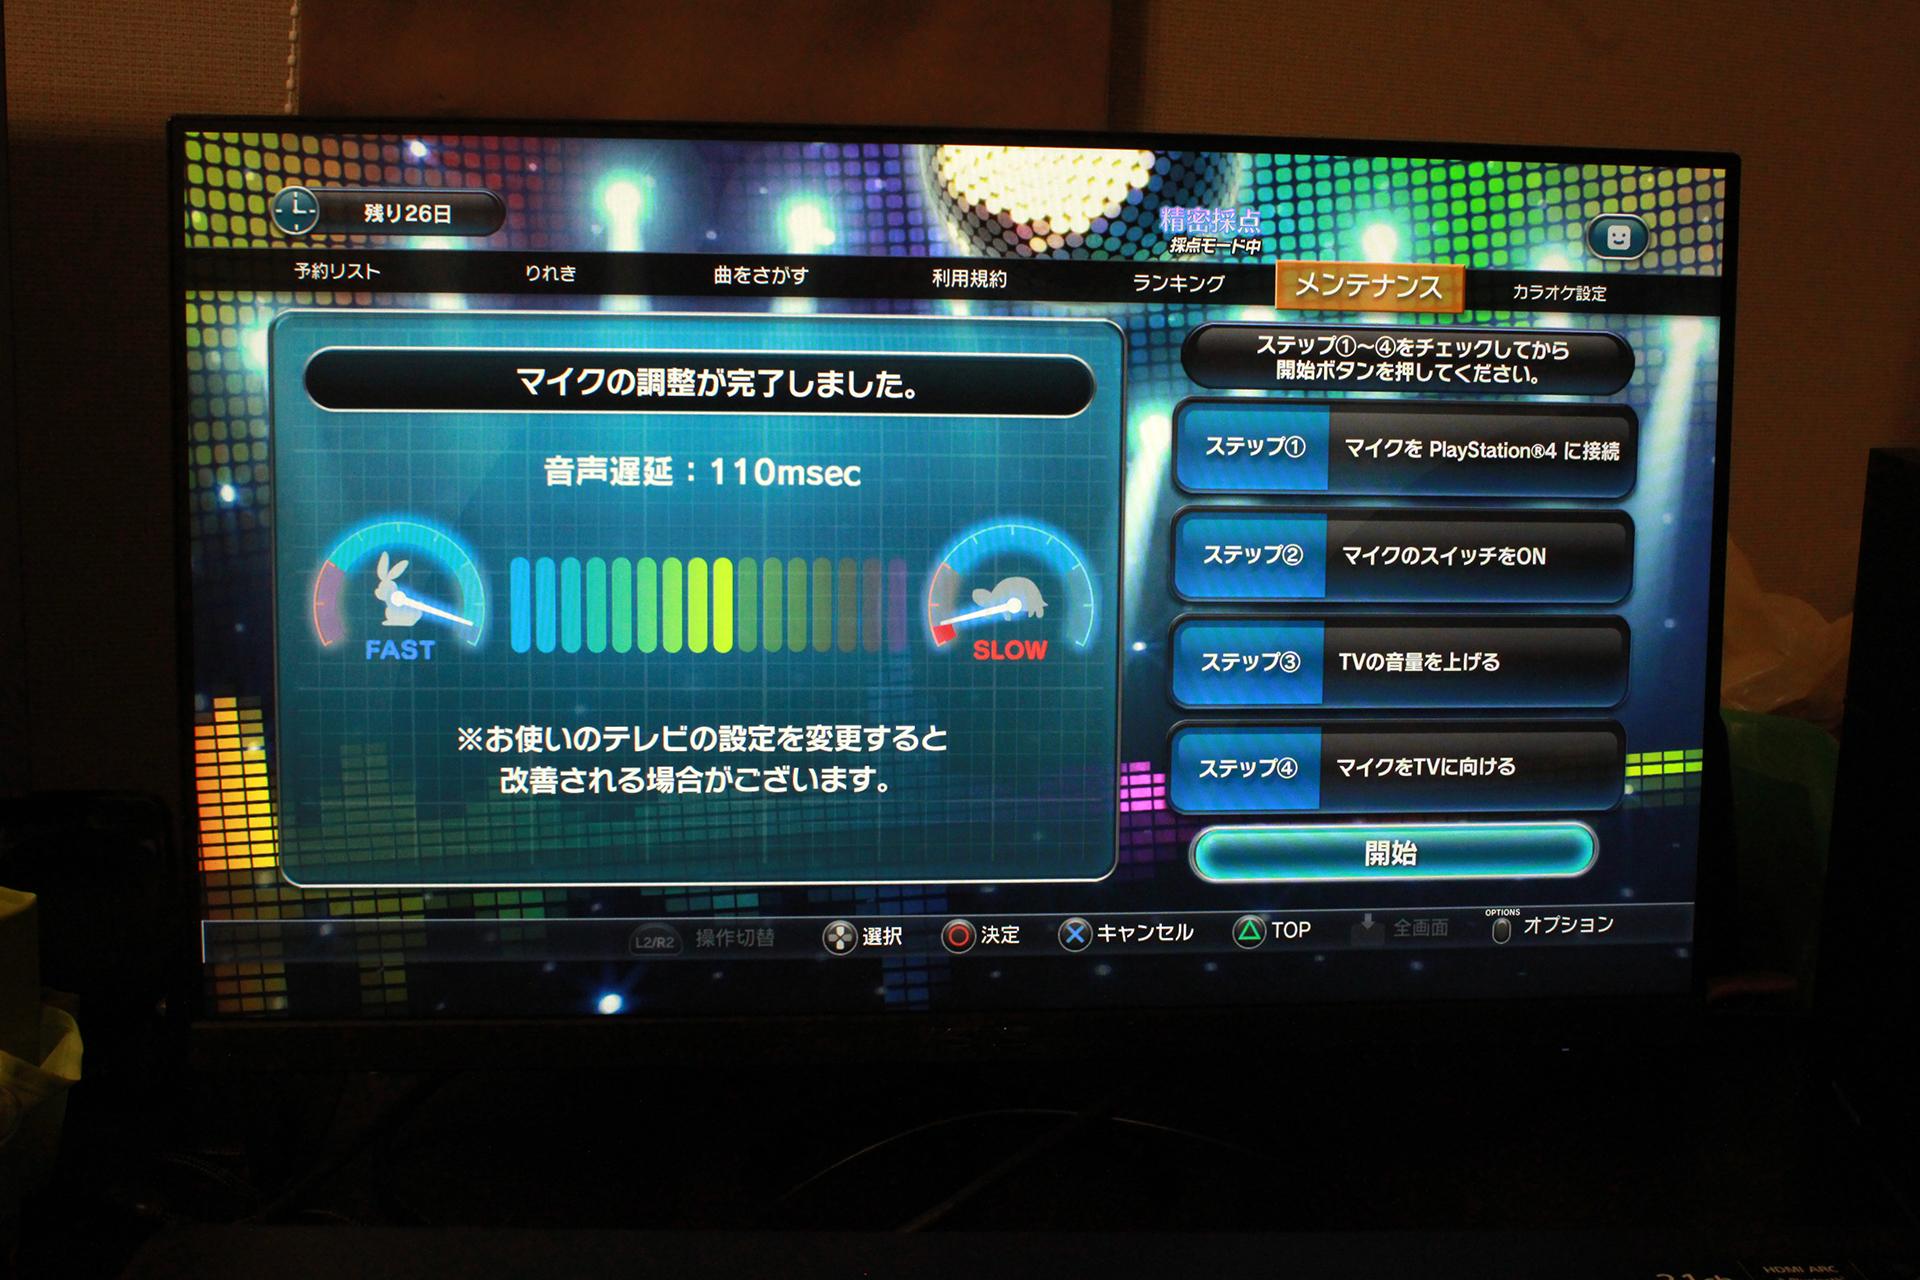 「カラオケ@DAM for PlayStation 4」の遅延チェック